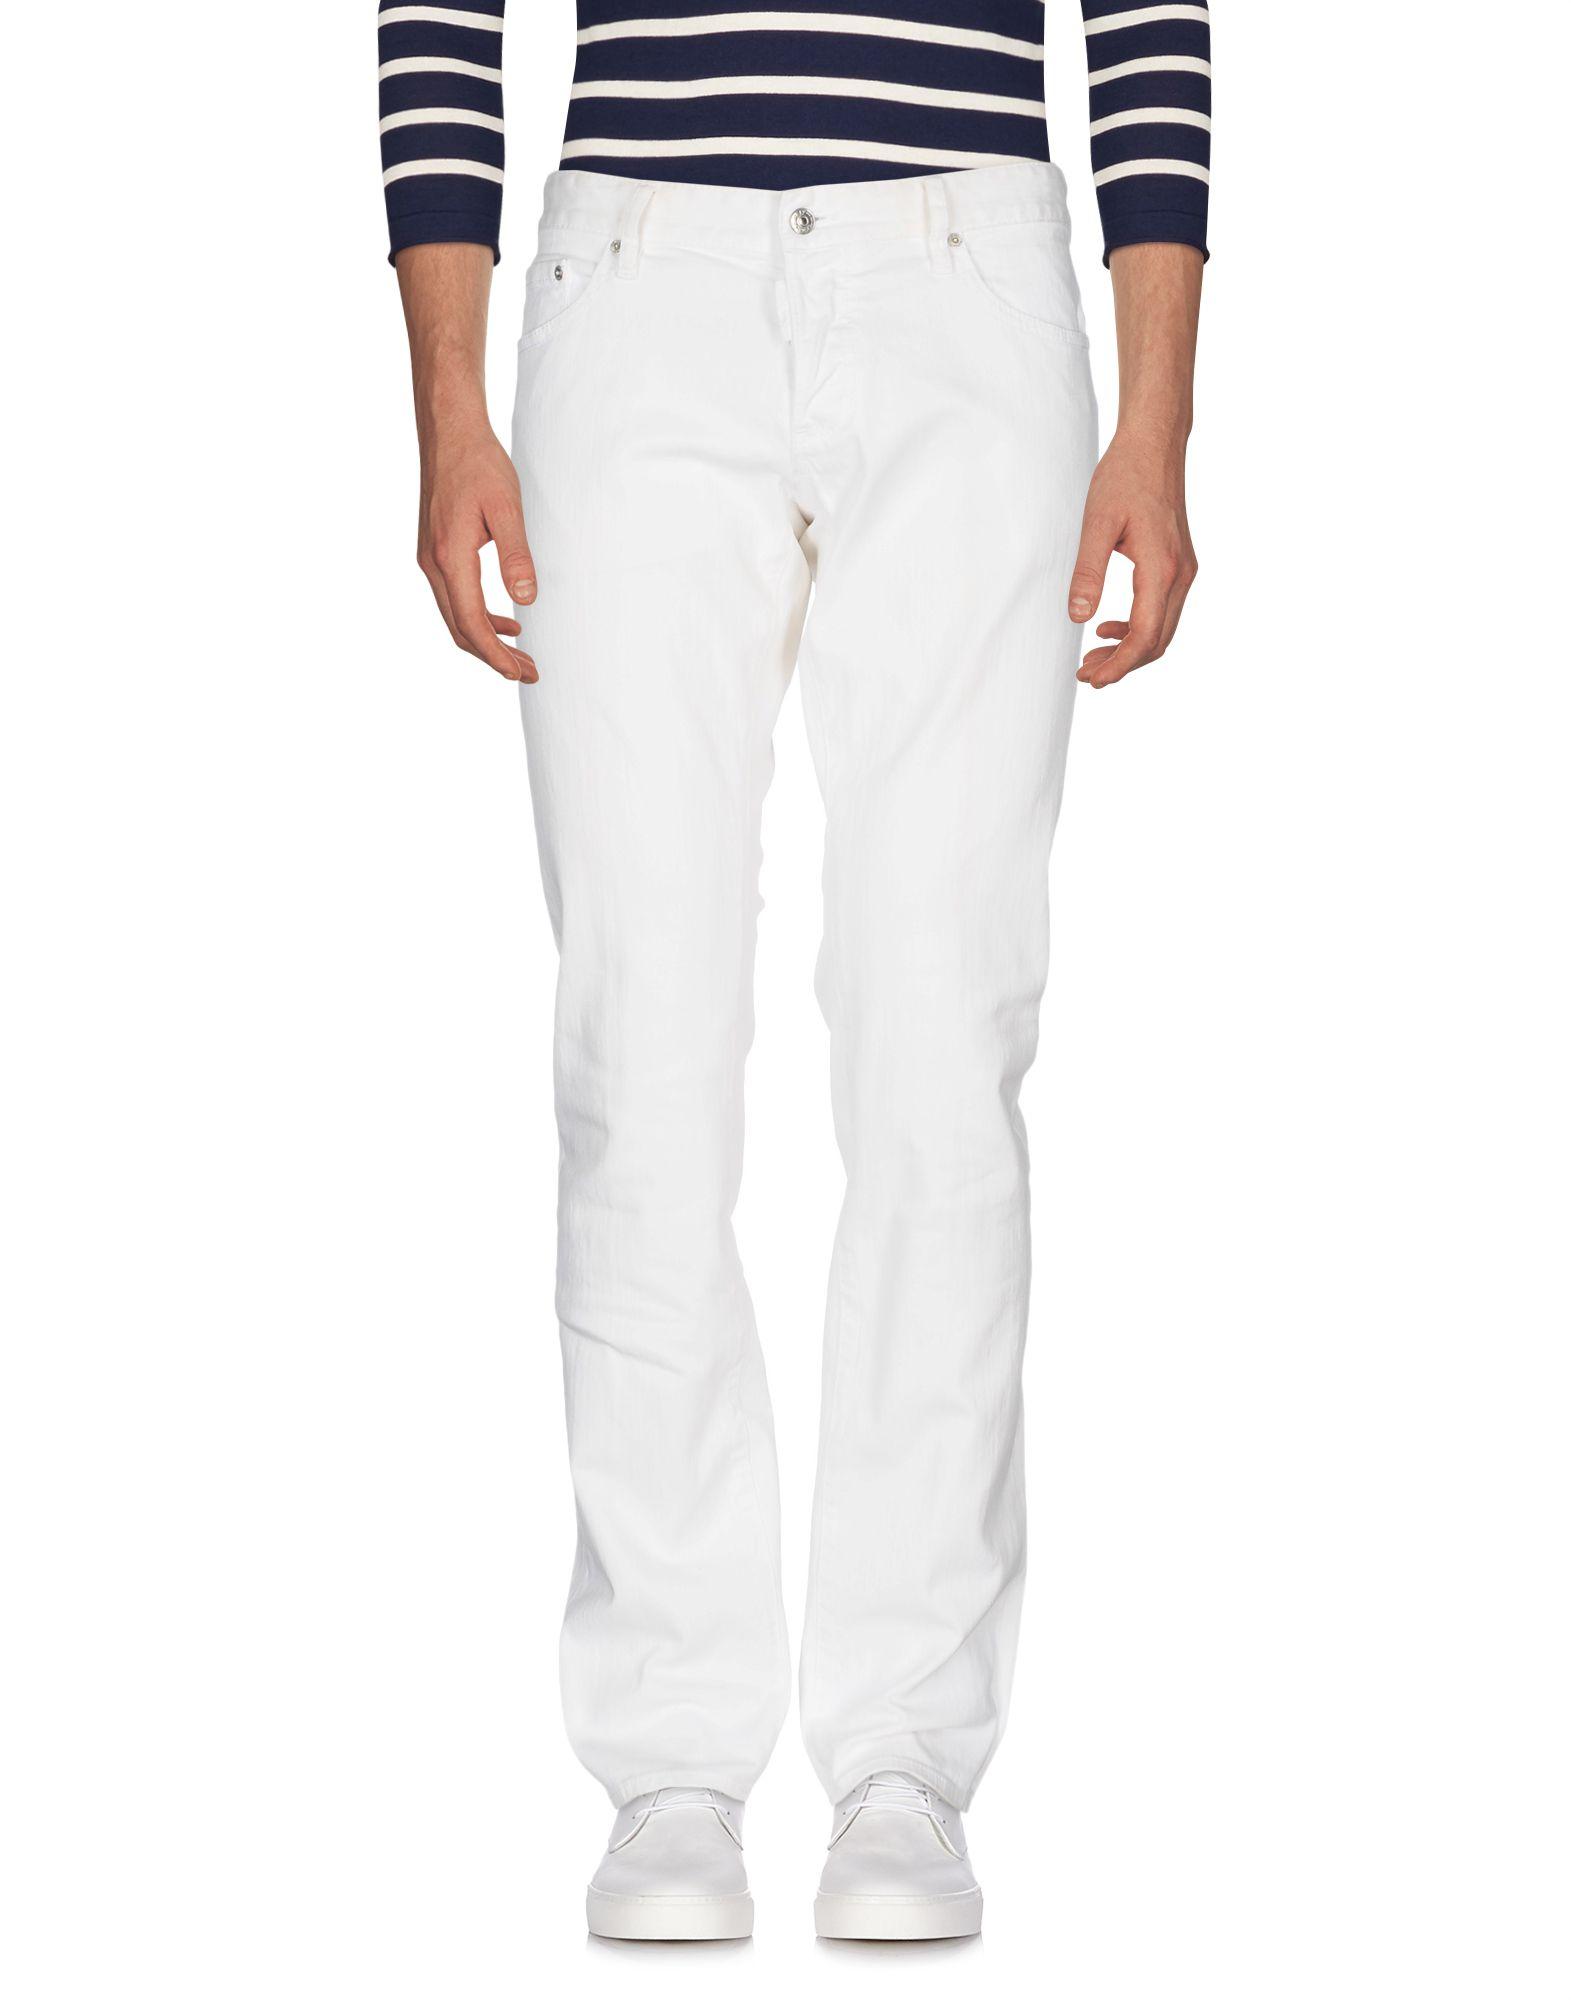 DSQUARED2 Herren Jeanshose Farbe Weiß Größe 6 jetztbilligerkaufen